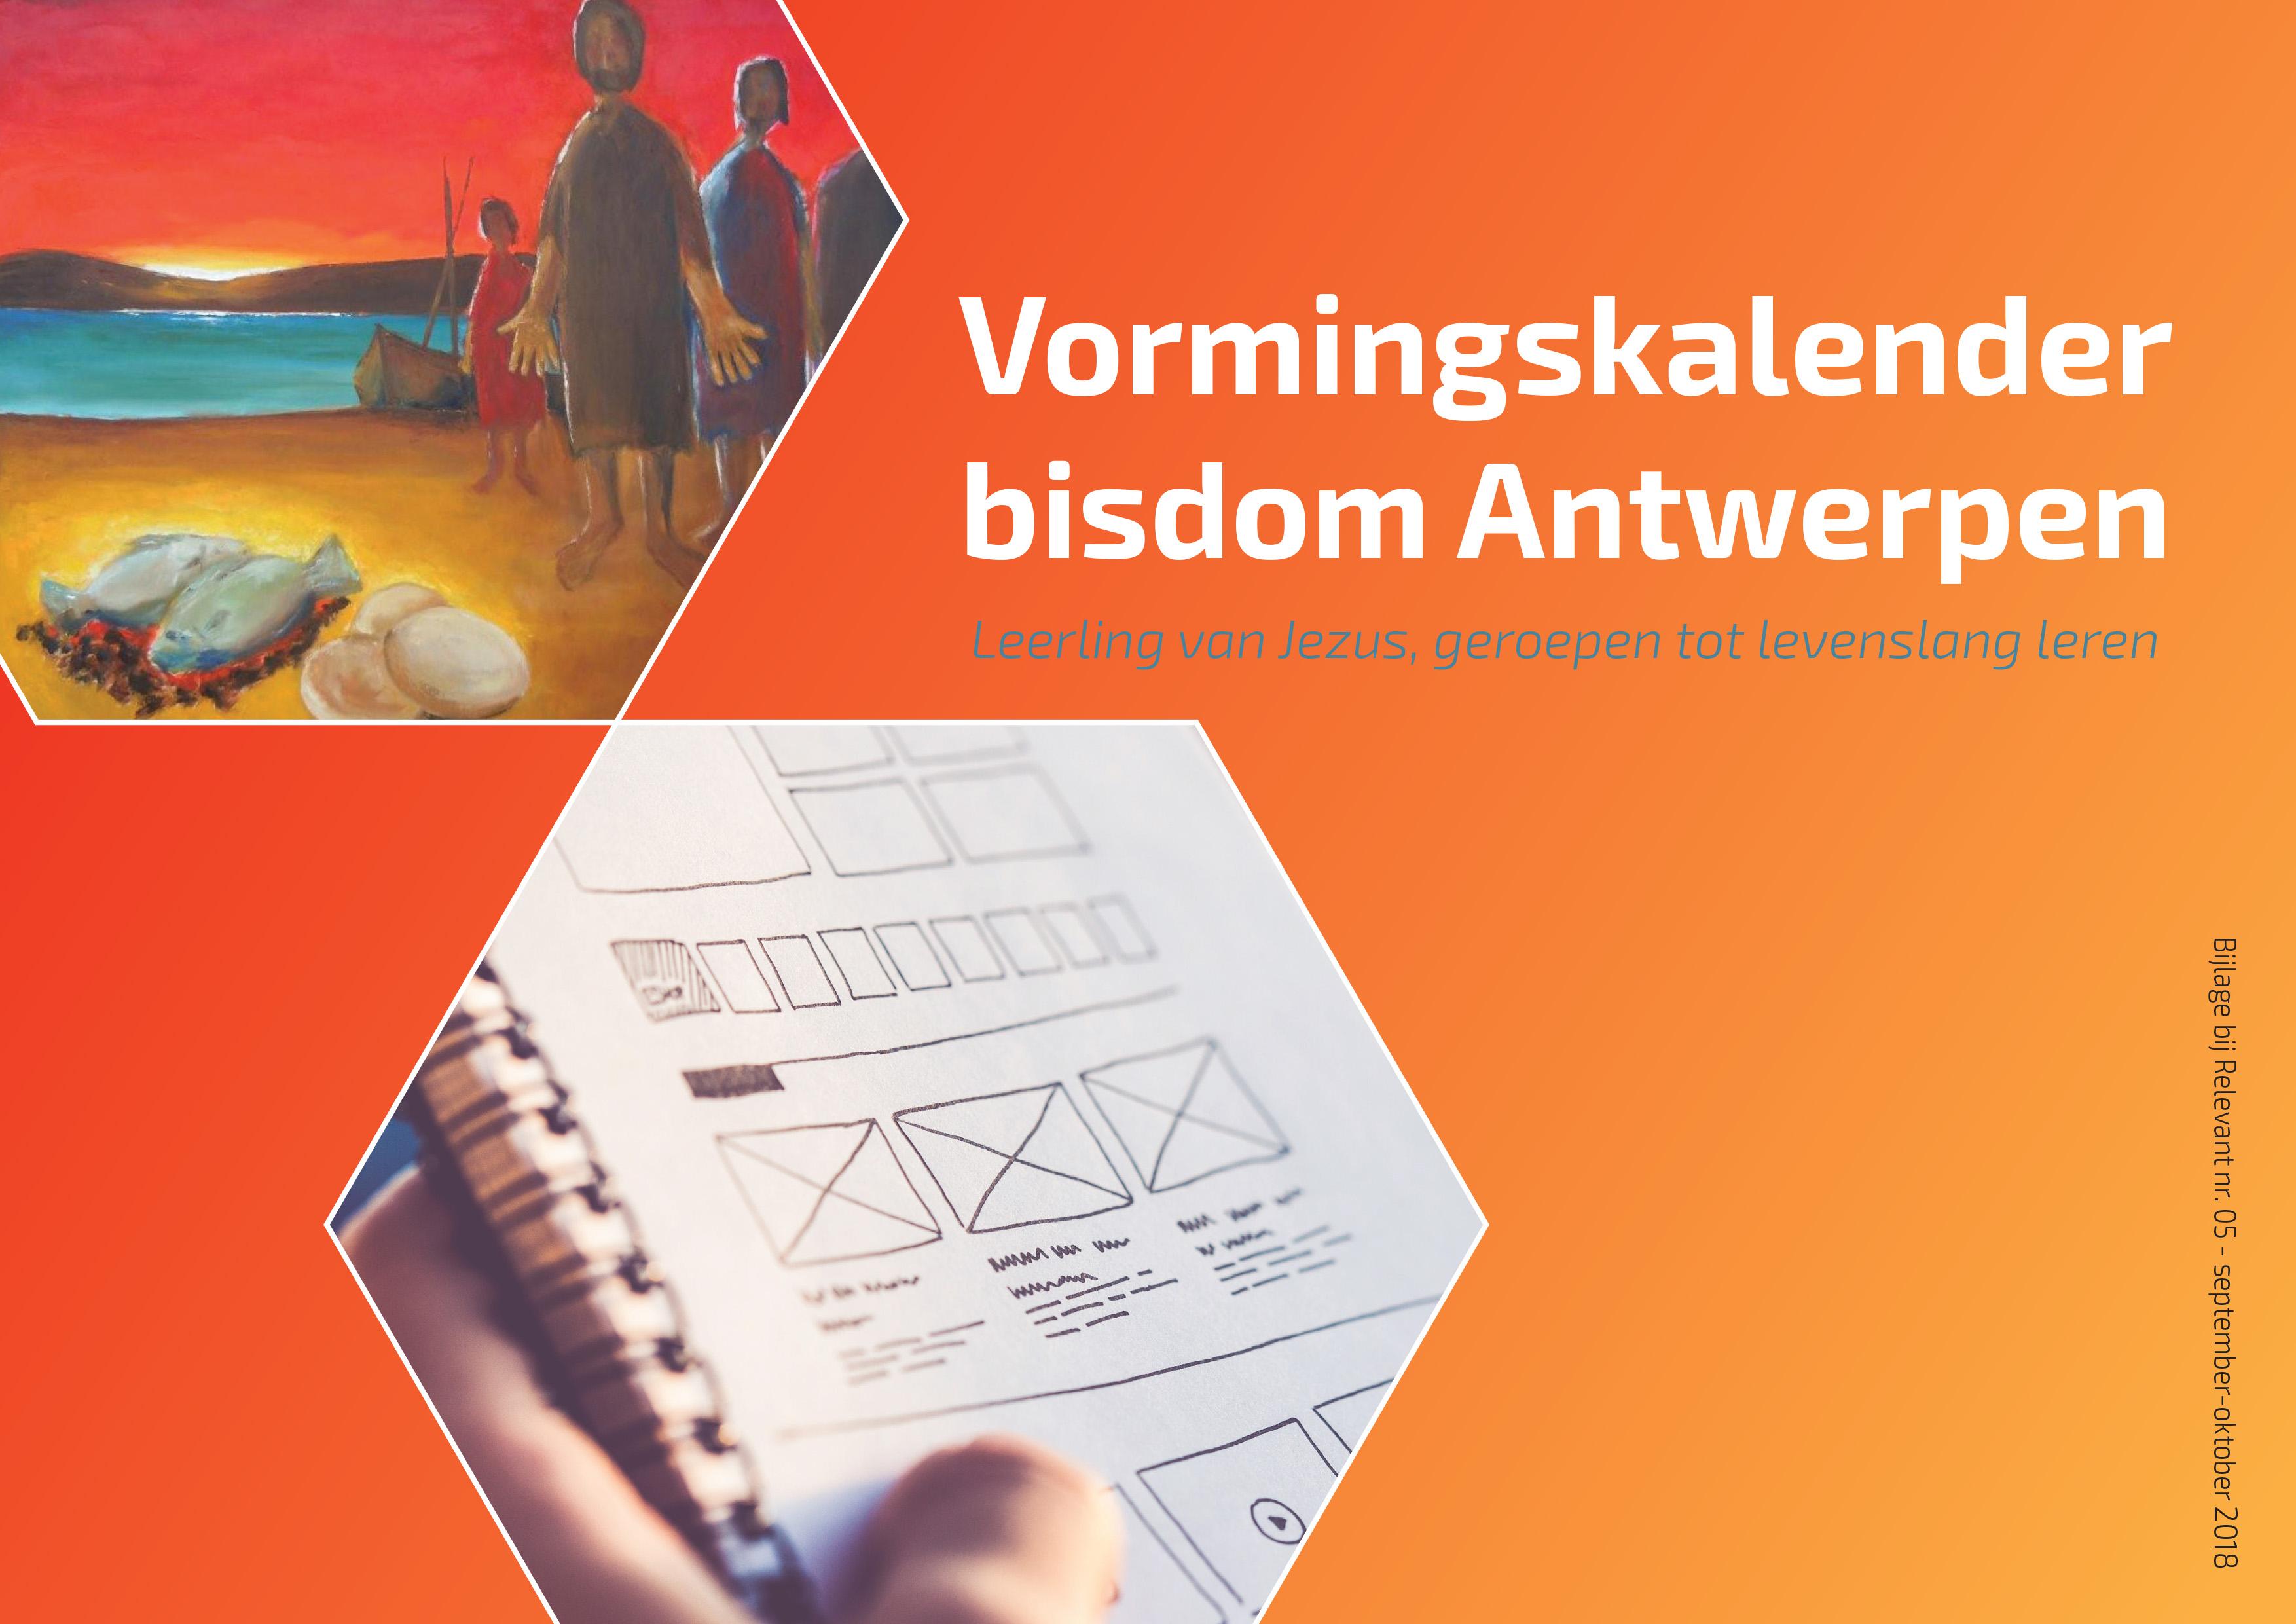 Vormingskalender bisdom Antwerpen © vicariaat diocesane diensten Antwerpen